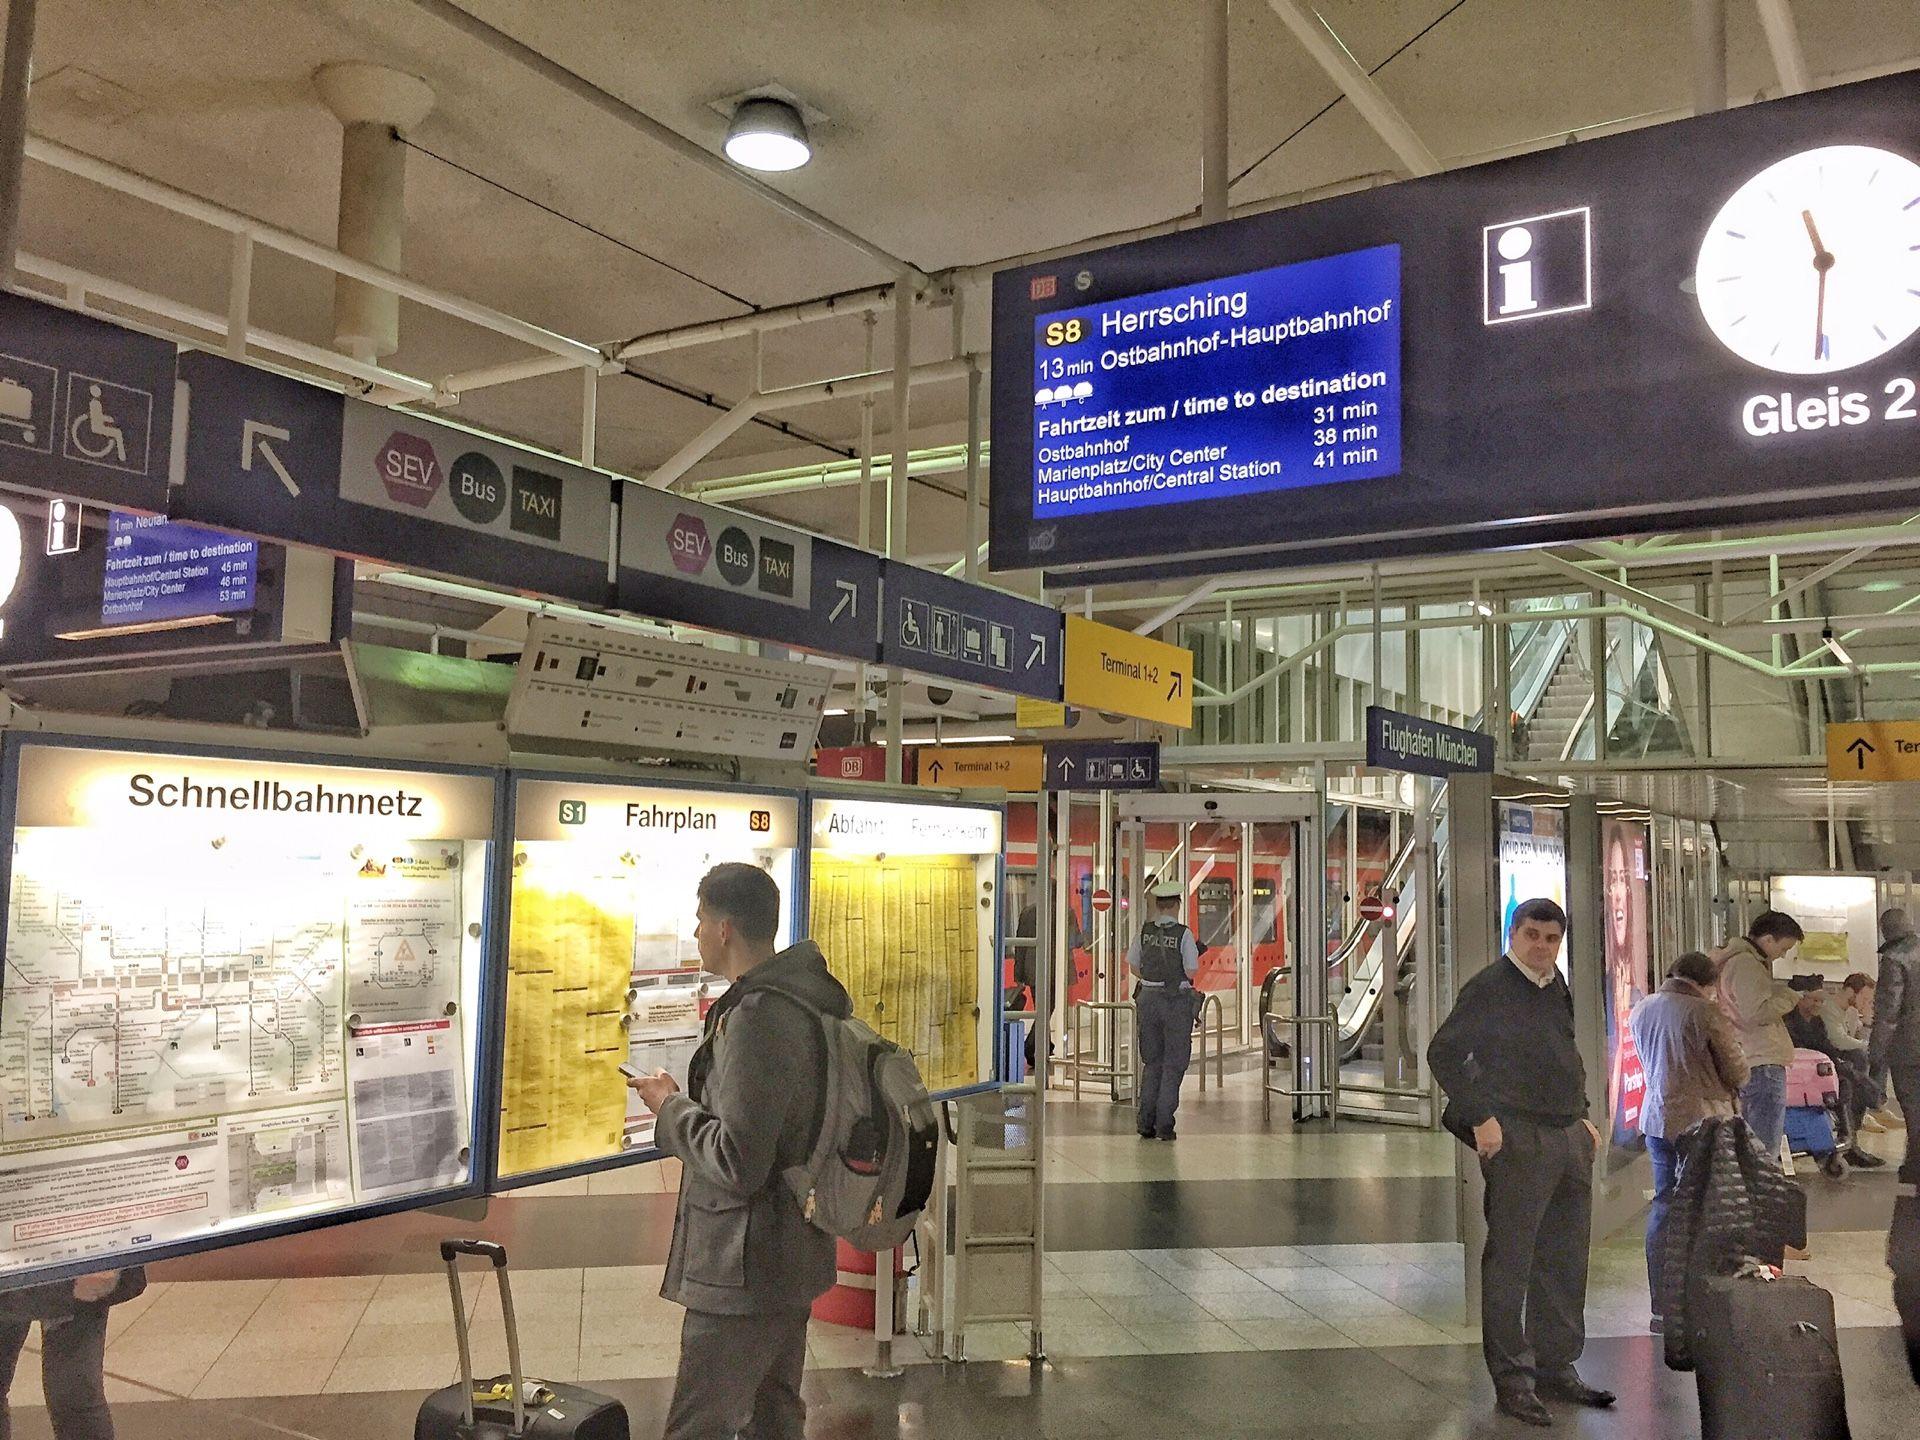 Как добраться из аэропорта Мюнхена в центр города?